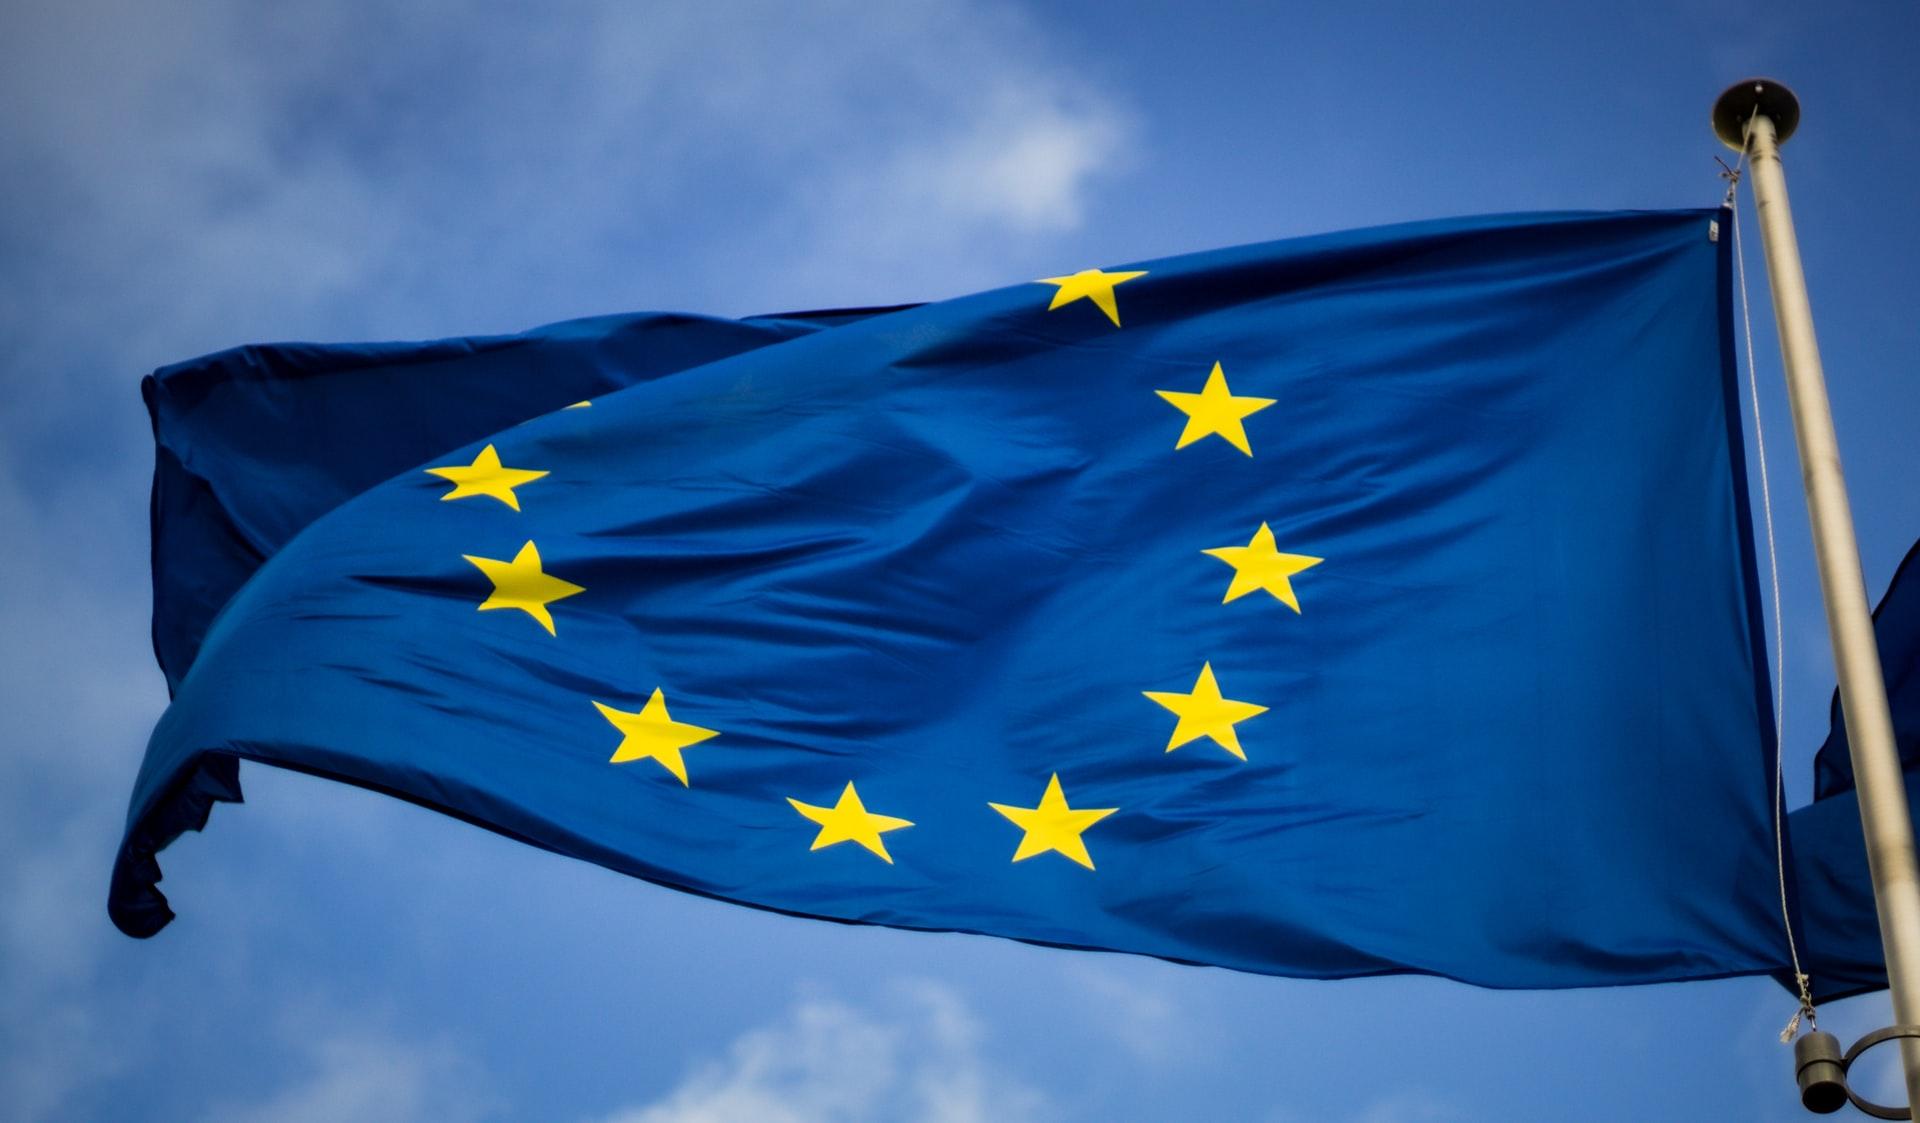 Europa-Woche in Rheinland-Pfalz